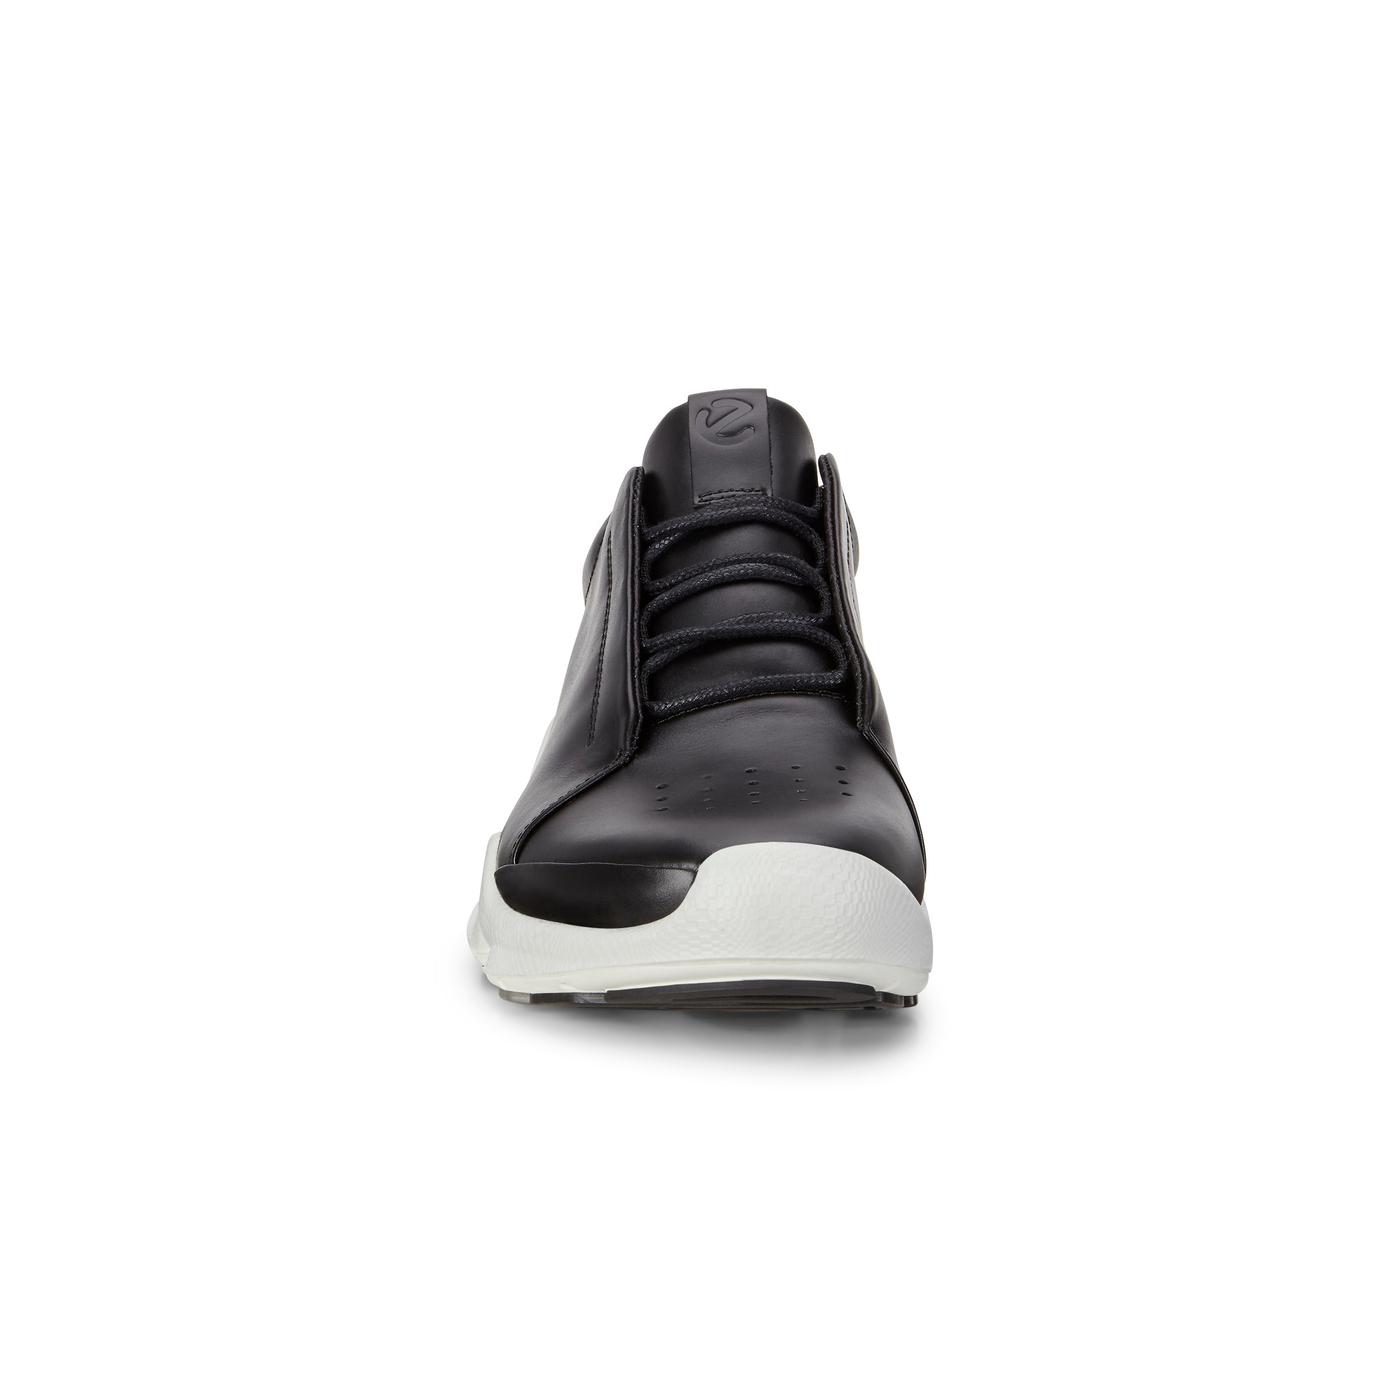 ECCO BIOM C - MEN'S Sneaker